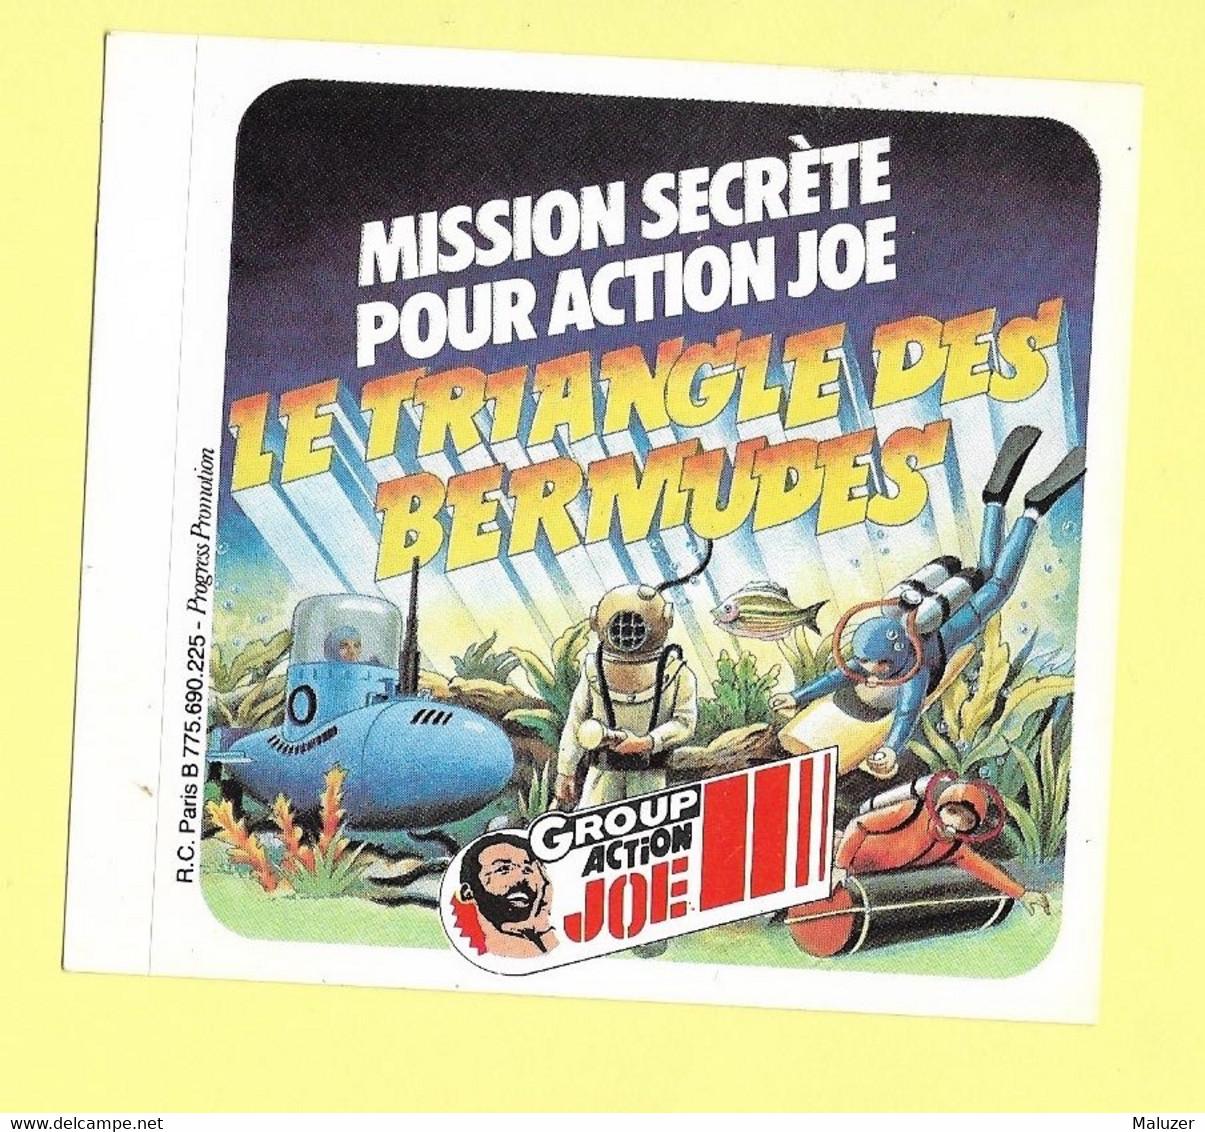 AUTOCOLLANT - GROUP ACTION JOE - MISSION SECRÈTE - LE TRIANGLE DES BERMUDES -SCAPHANDRIER - SOUS-MARIN - PLONGEUR - Stickers